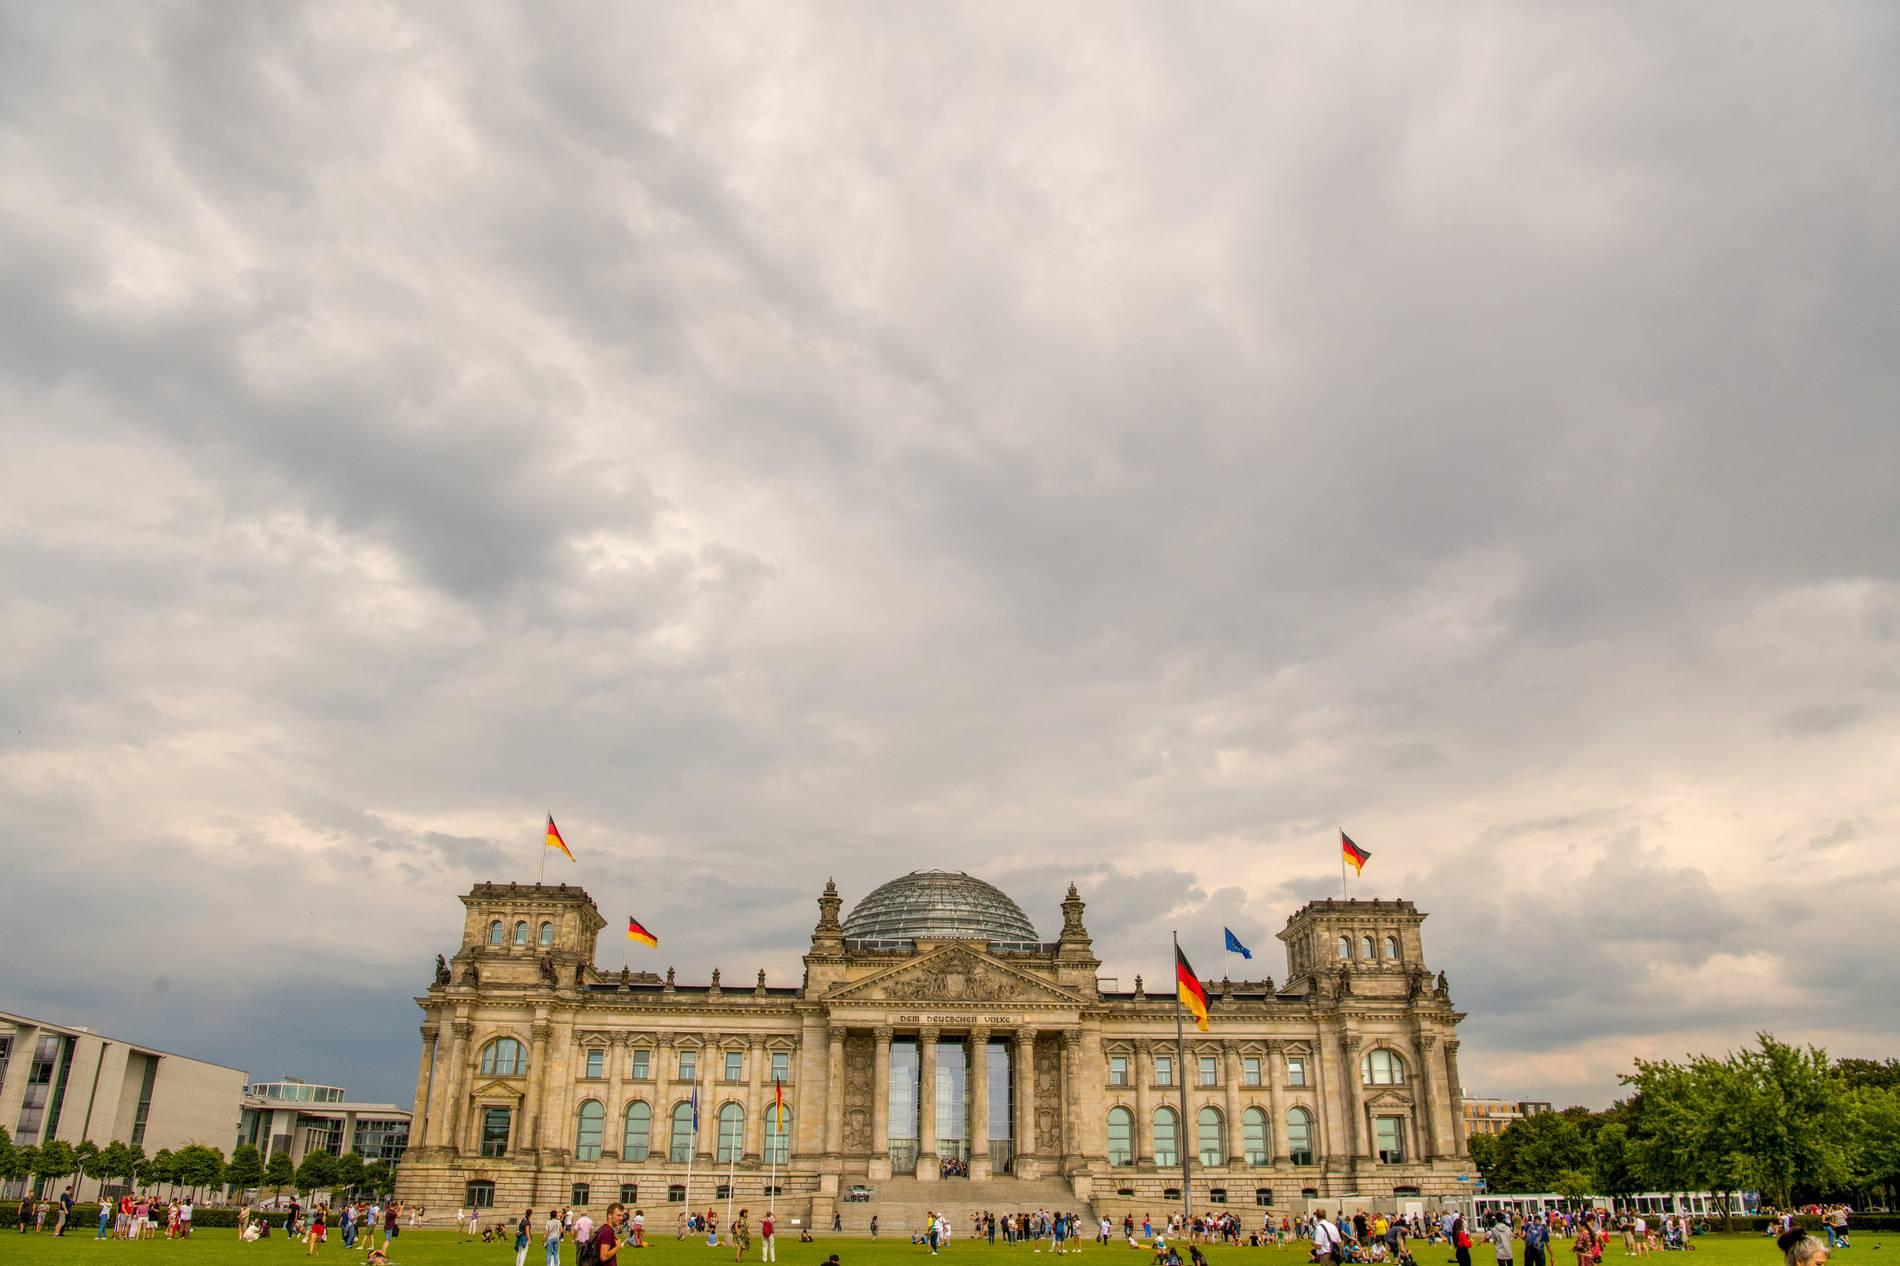 Neues Sicherheitskonzept: Der Bundestag gräbt sich ein  Neues Sicherhei...